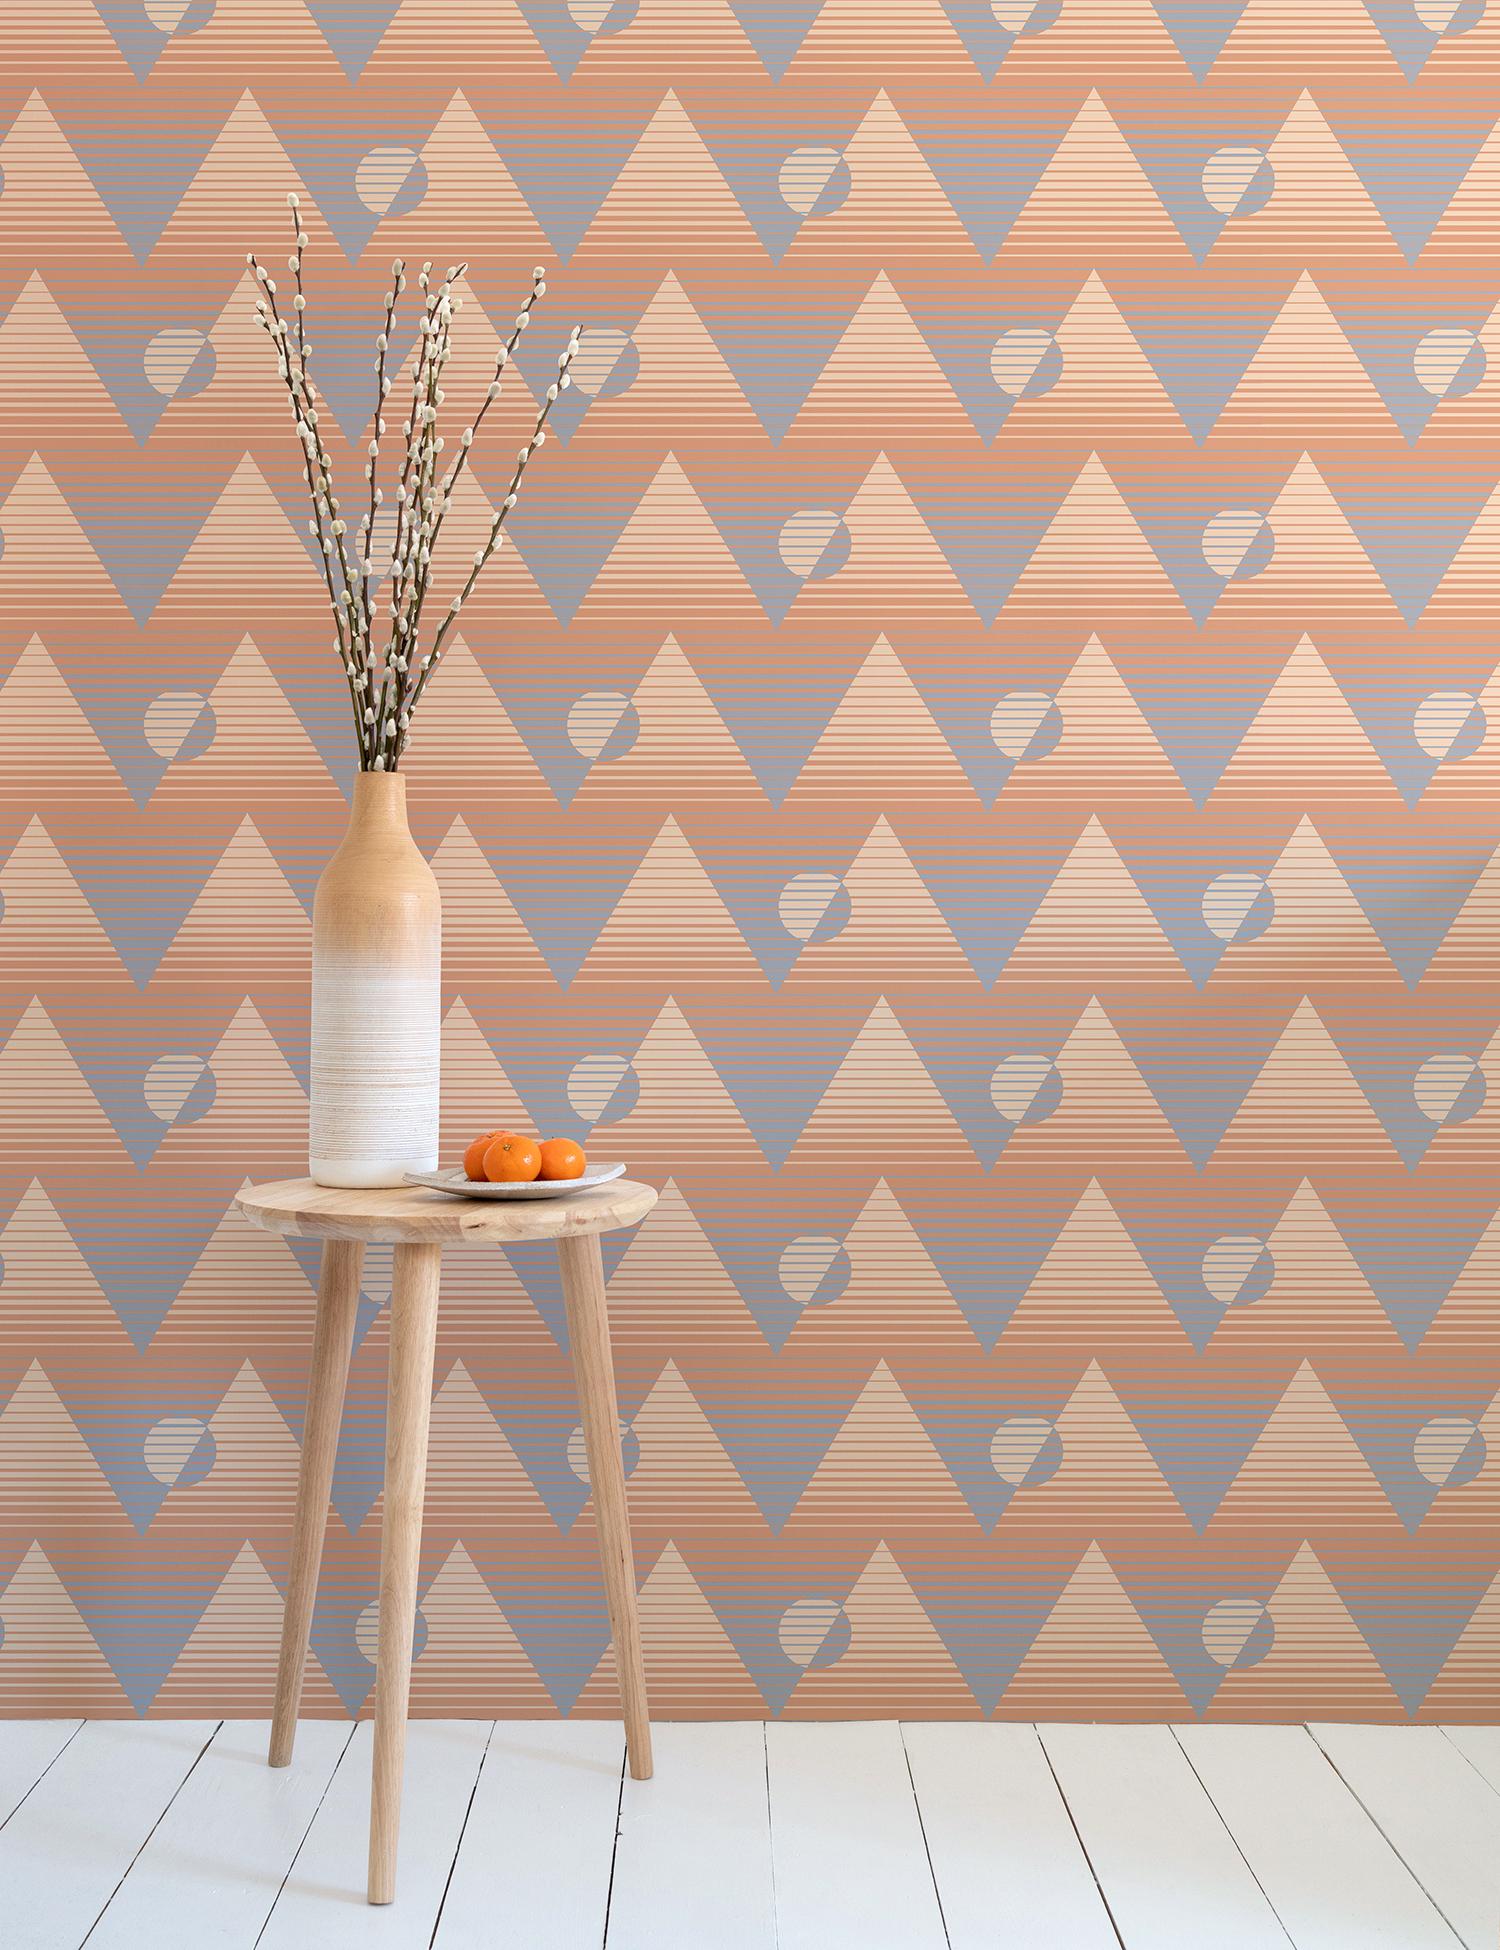 Wallpaper_Pyramid_Solar_Web_02.jpg